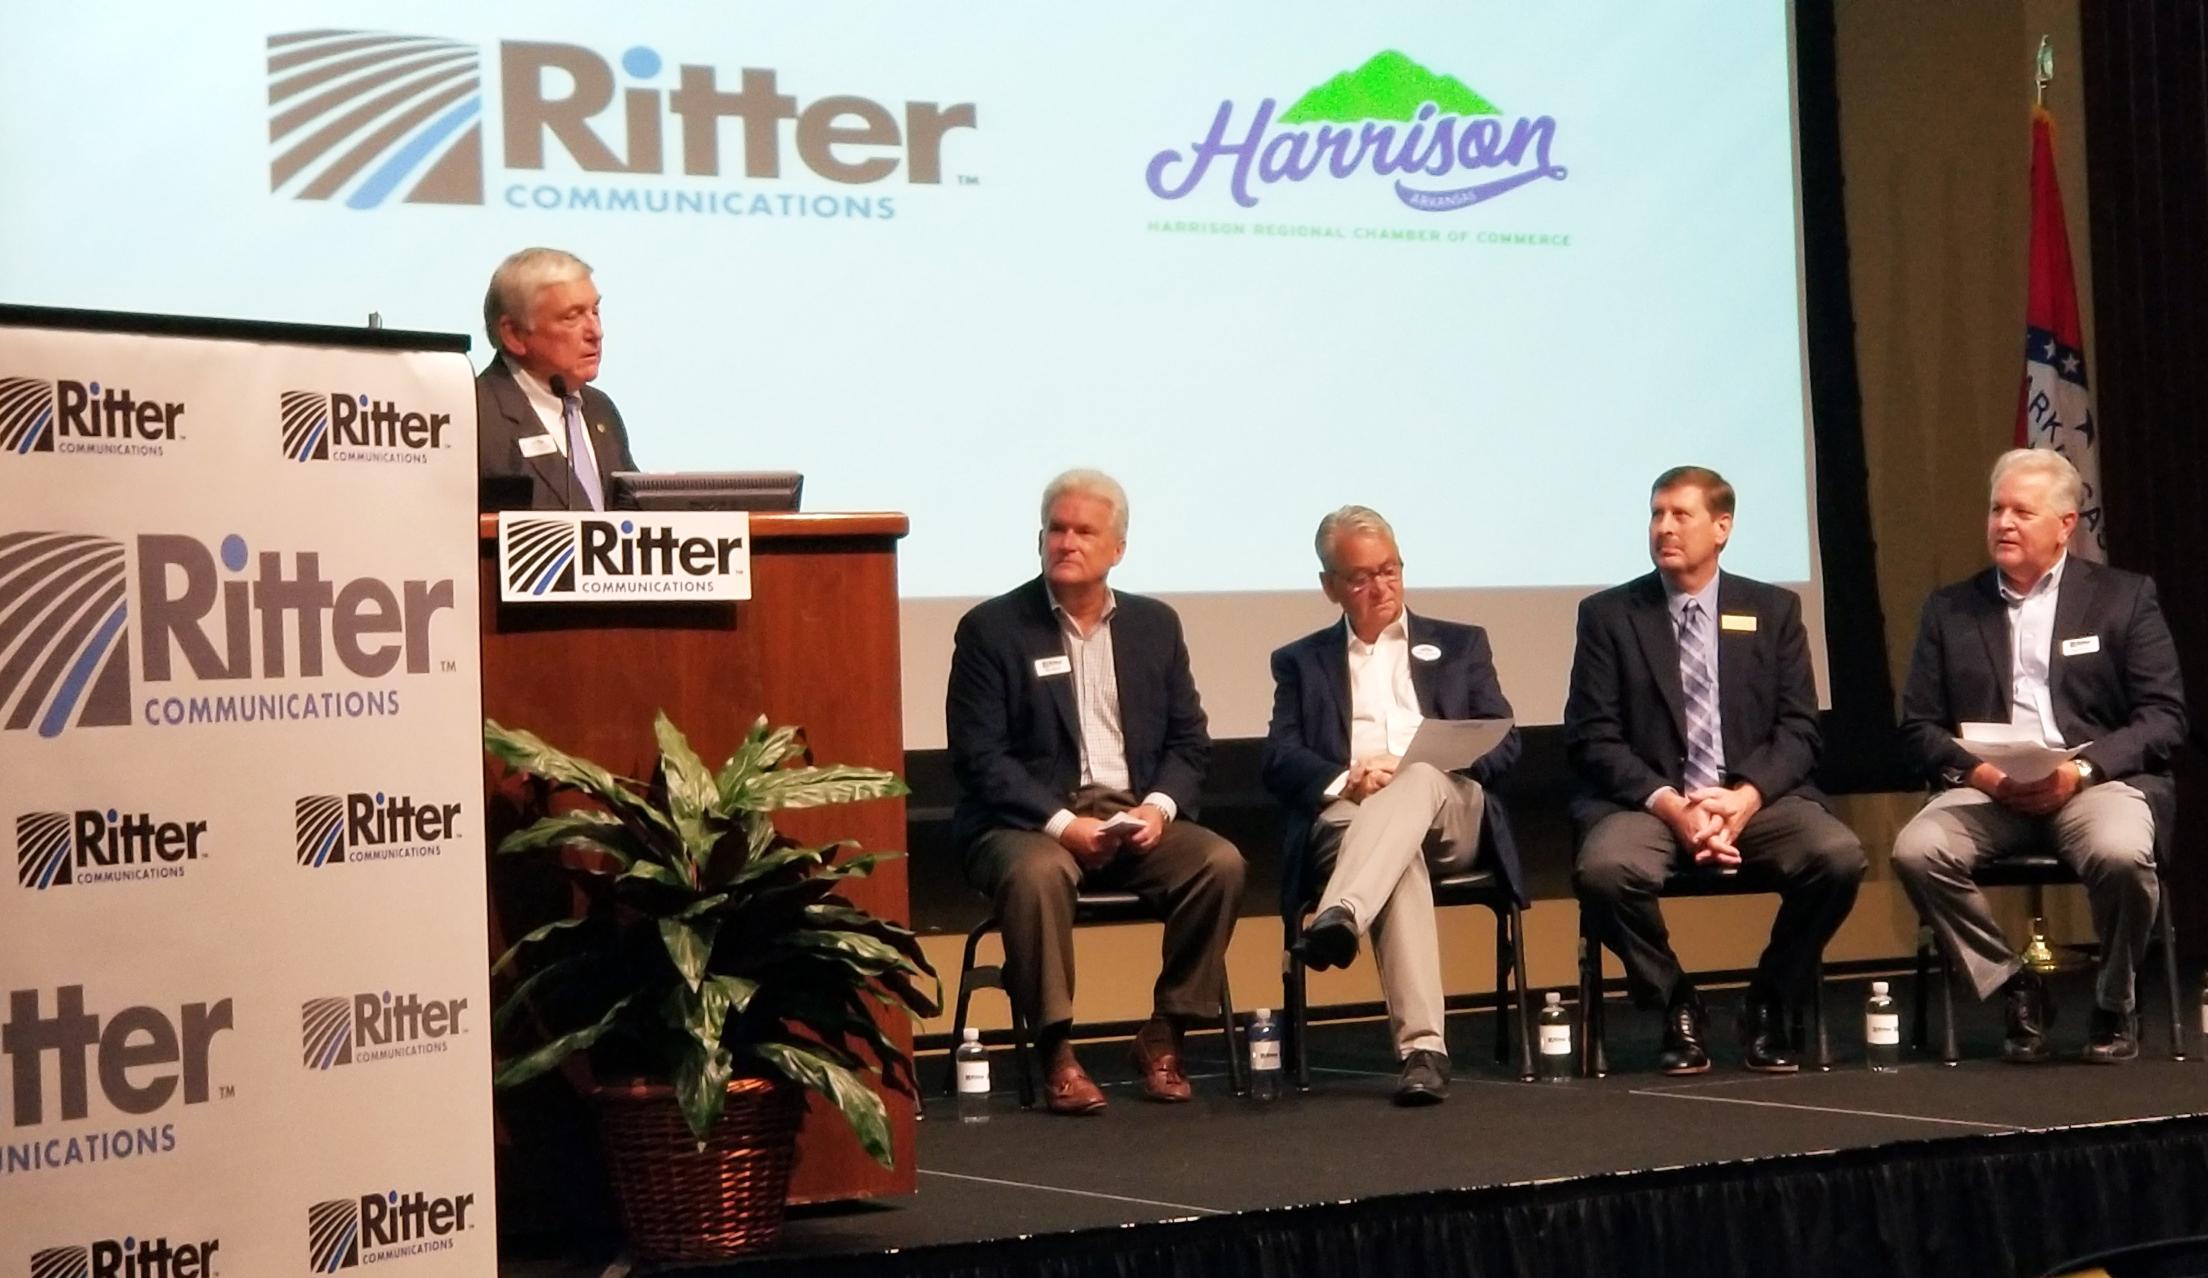 Harrison Press Conference